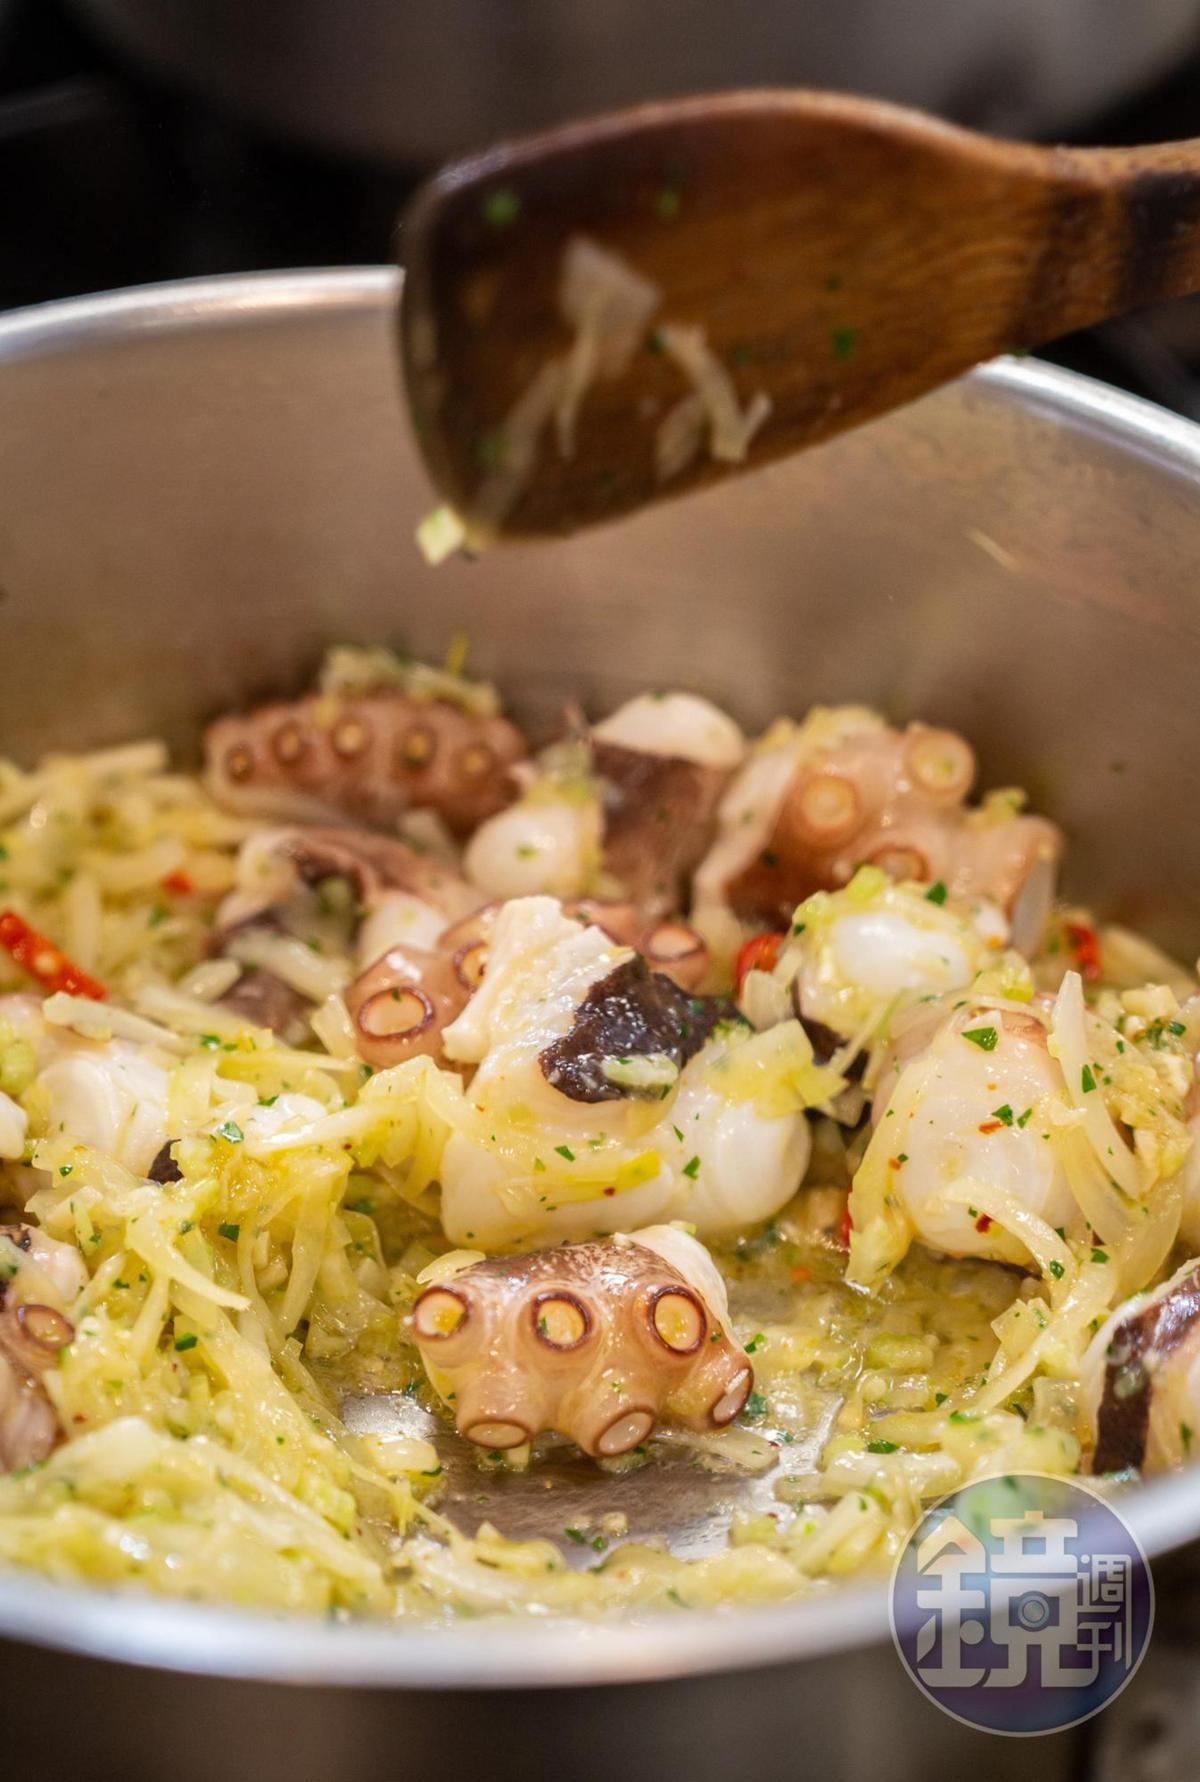 托斯卡尼燉海鮮會先爆香洋蔥、蒜頭,再丟入章魚、花枝翻炒。